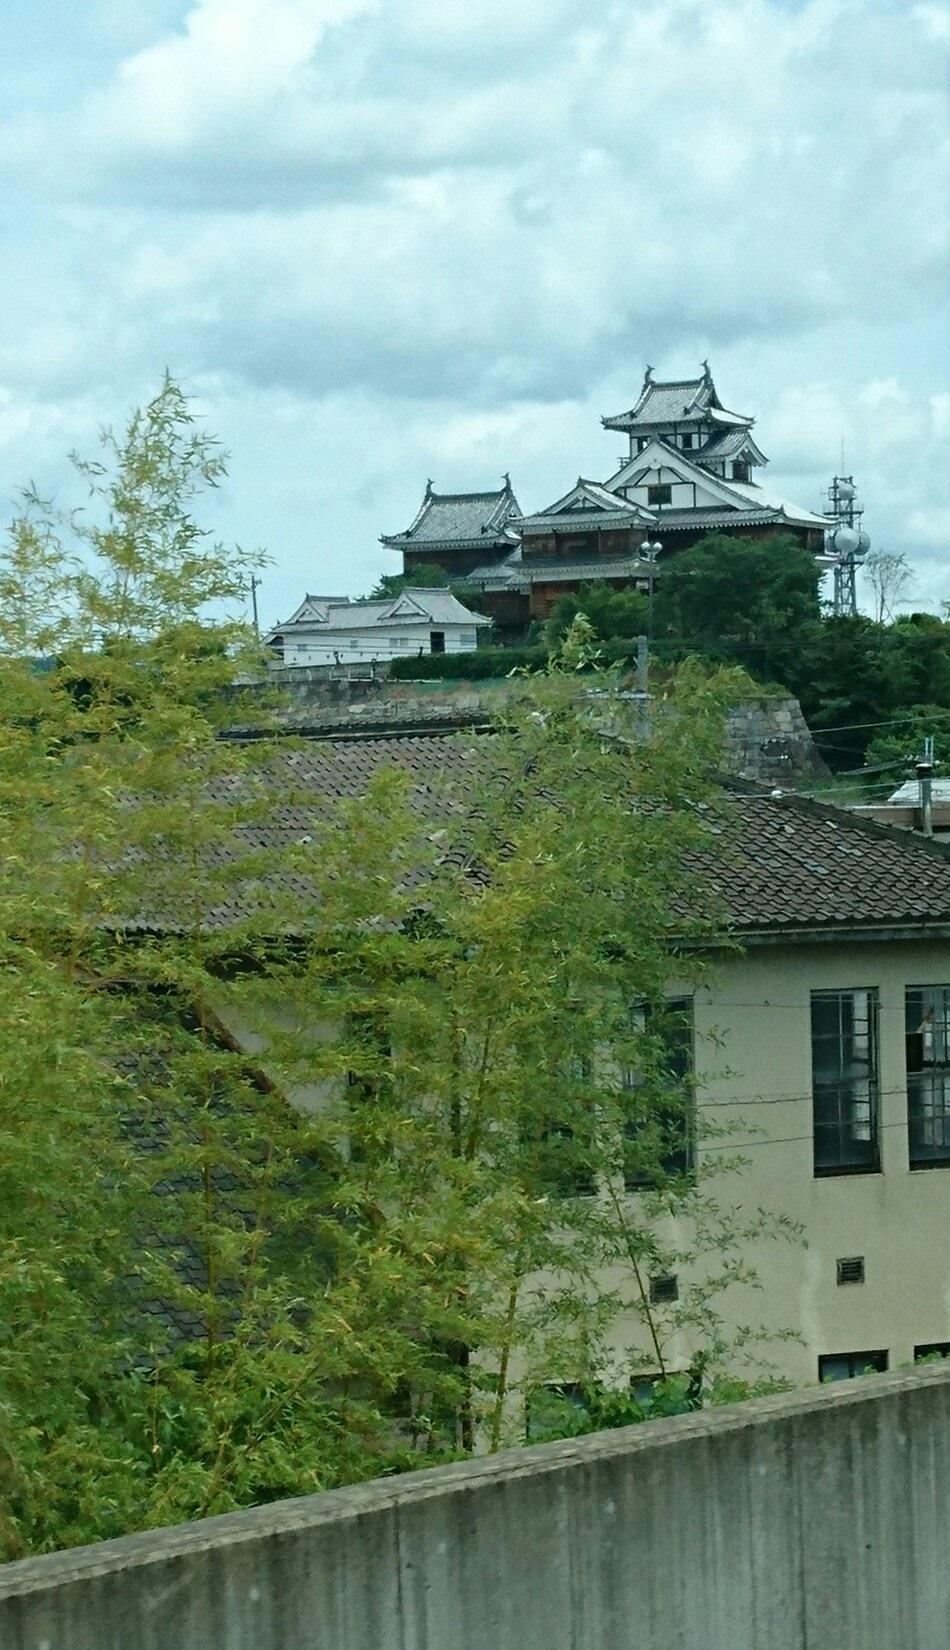 2017.6.3 豊岡 (35) はしだて3号 - みぎてに福知山城 950-1650